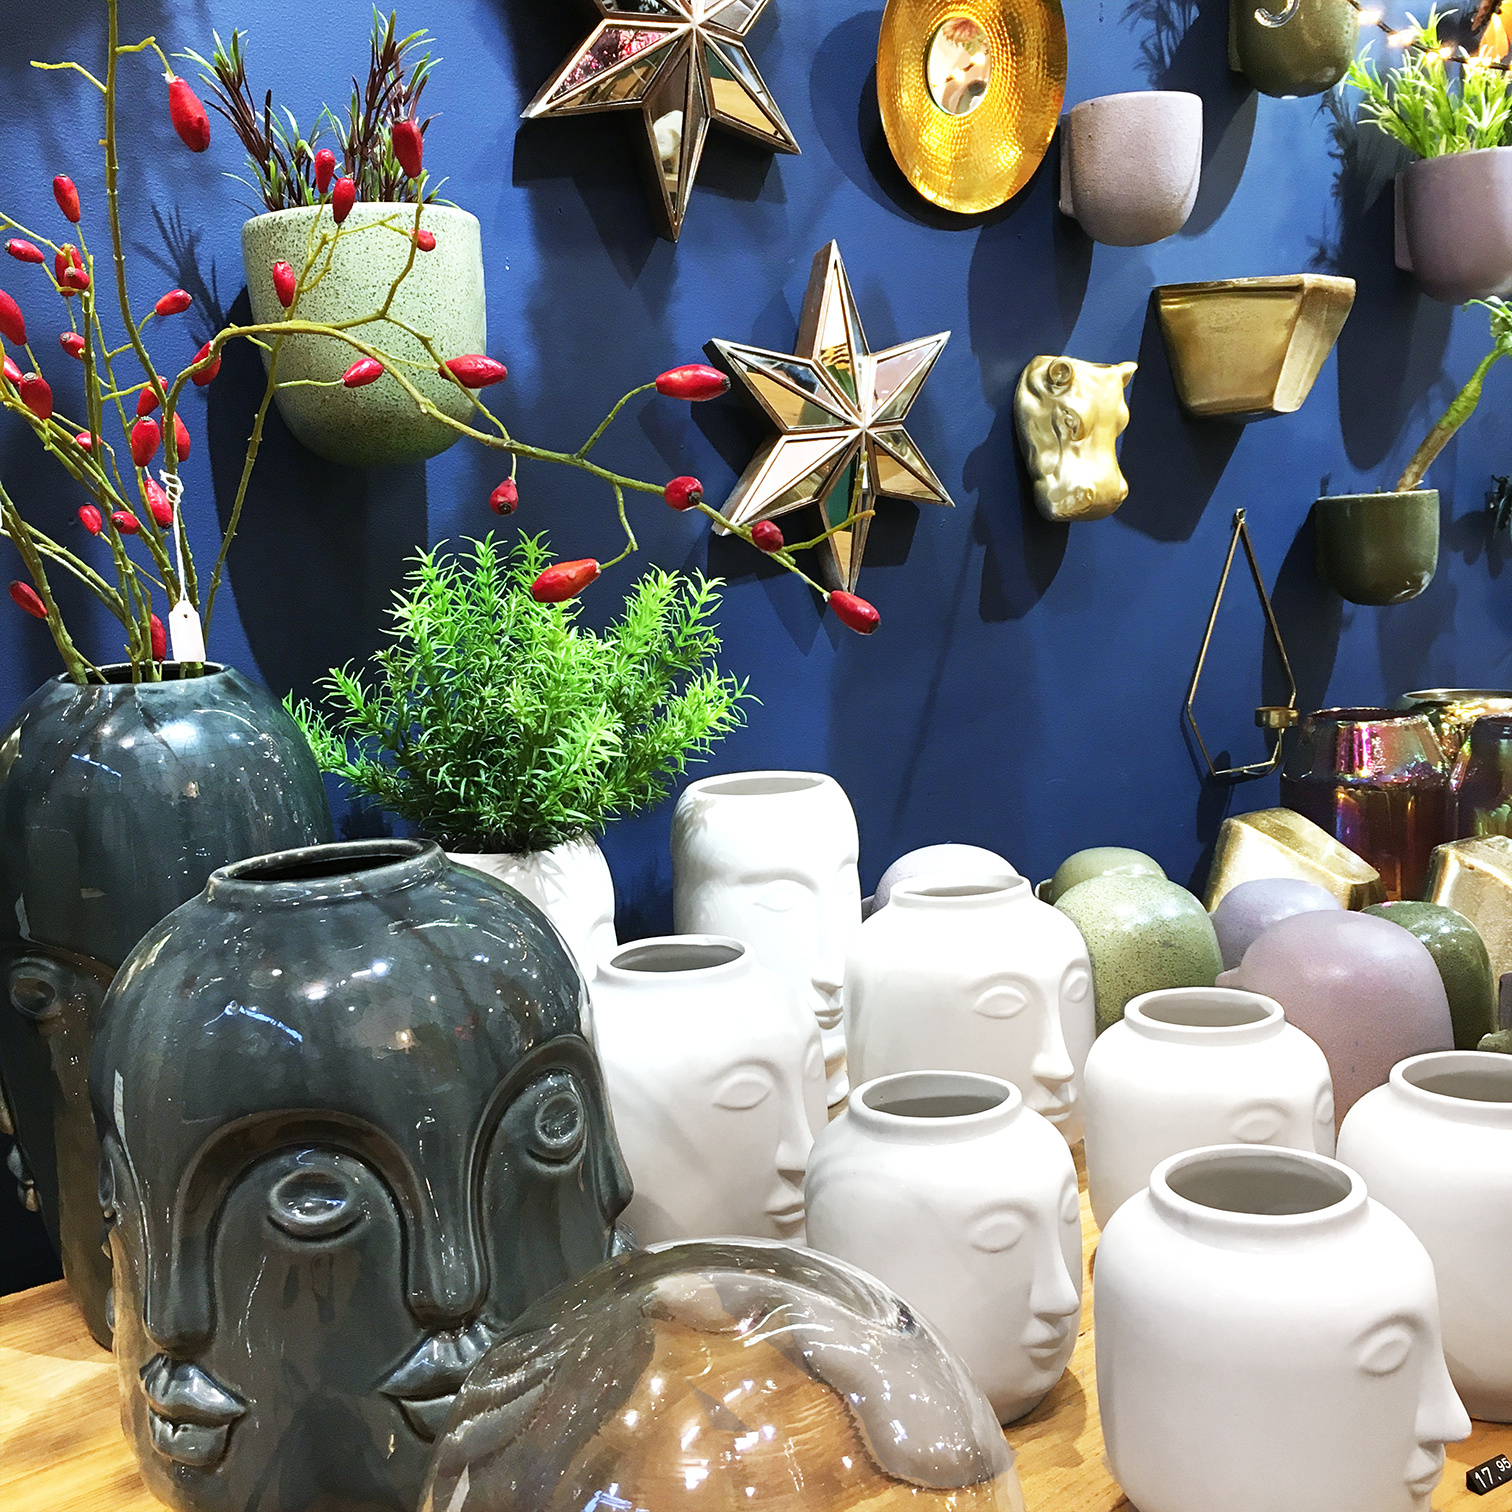 White ceramic head vase